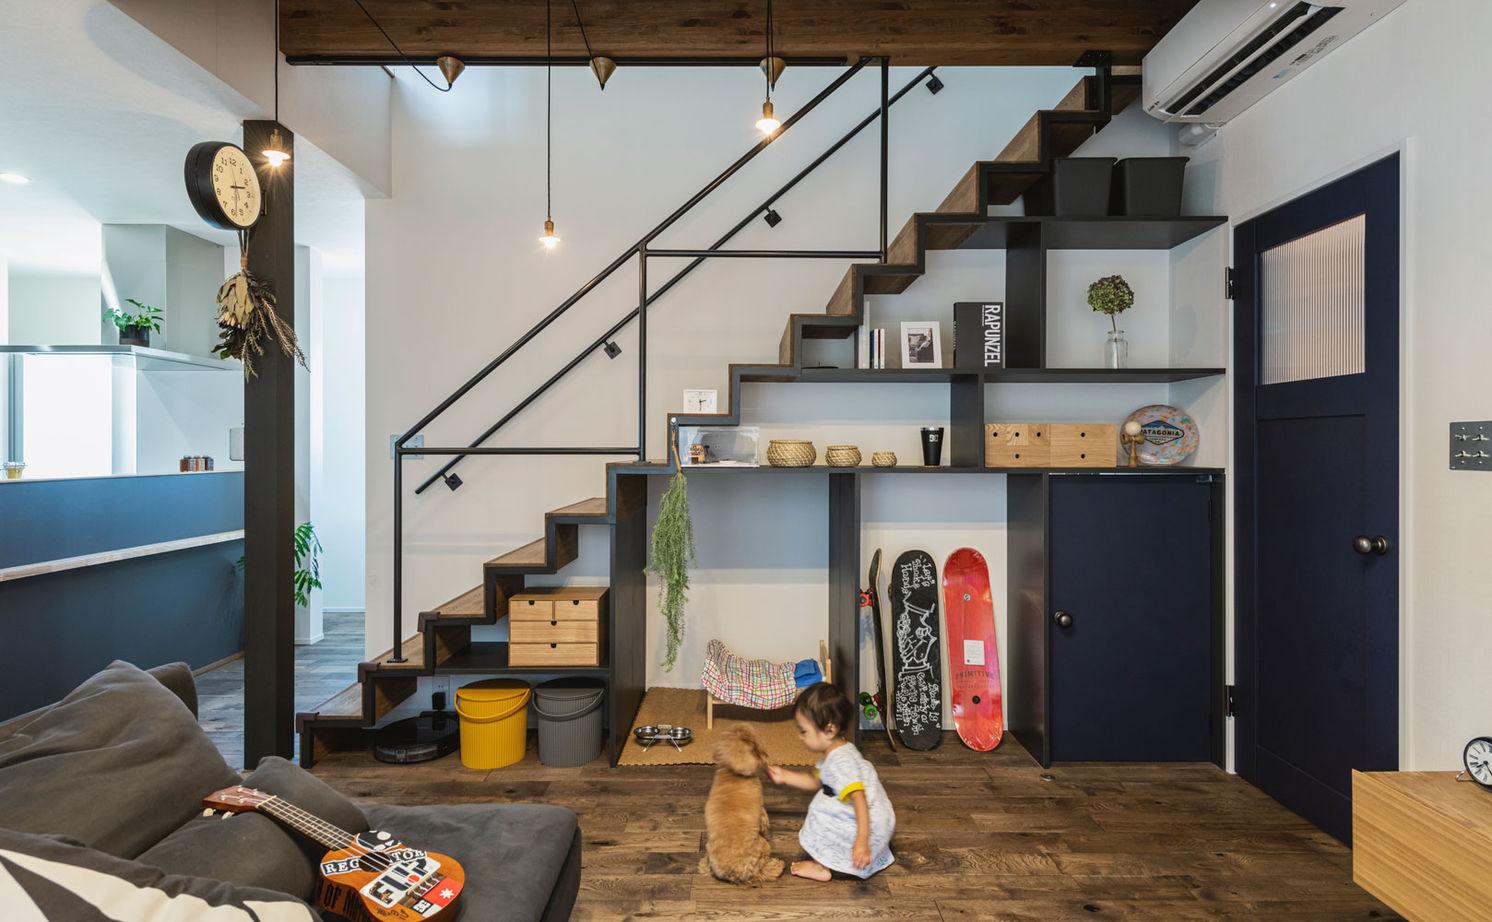 【2000~2500万円/間取り図有】インダストリアル×鉄骨階段のアートな棚。常識を覆す仕掛けがカッコいい!画像2